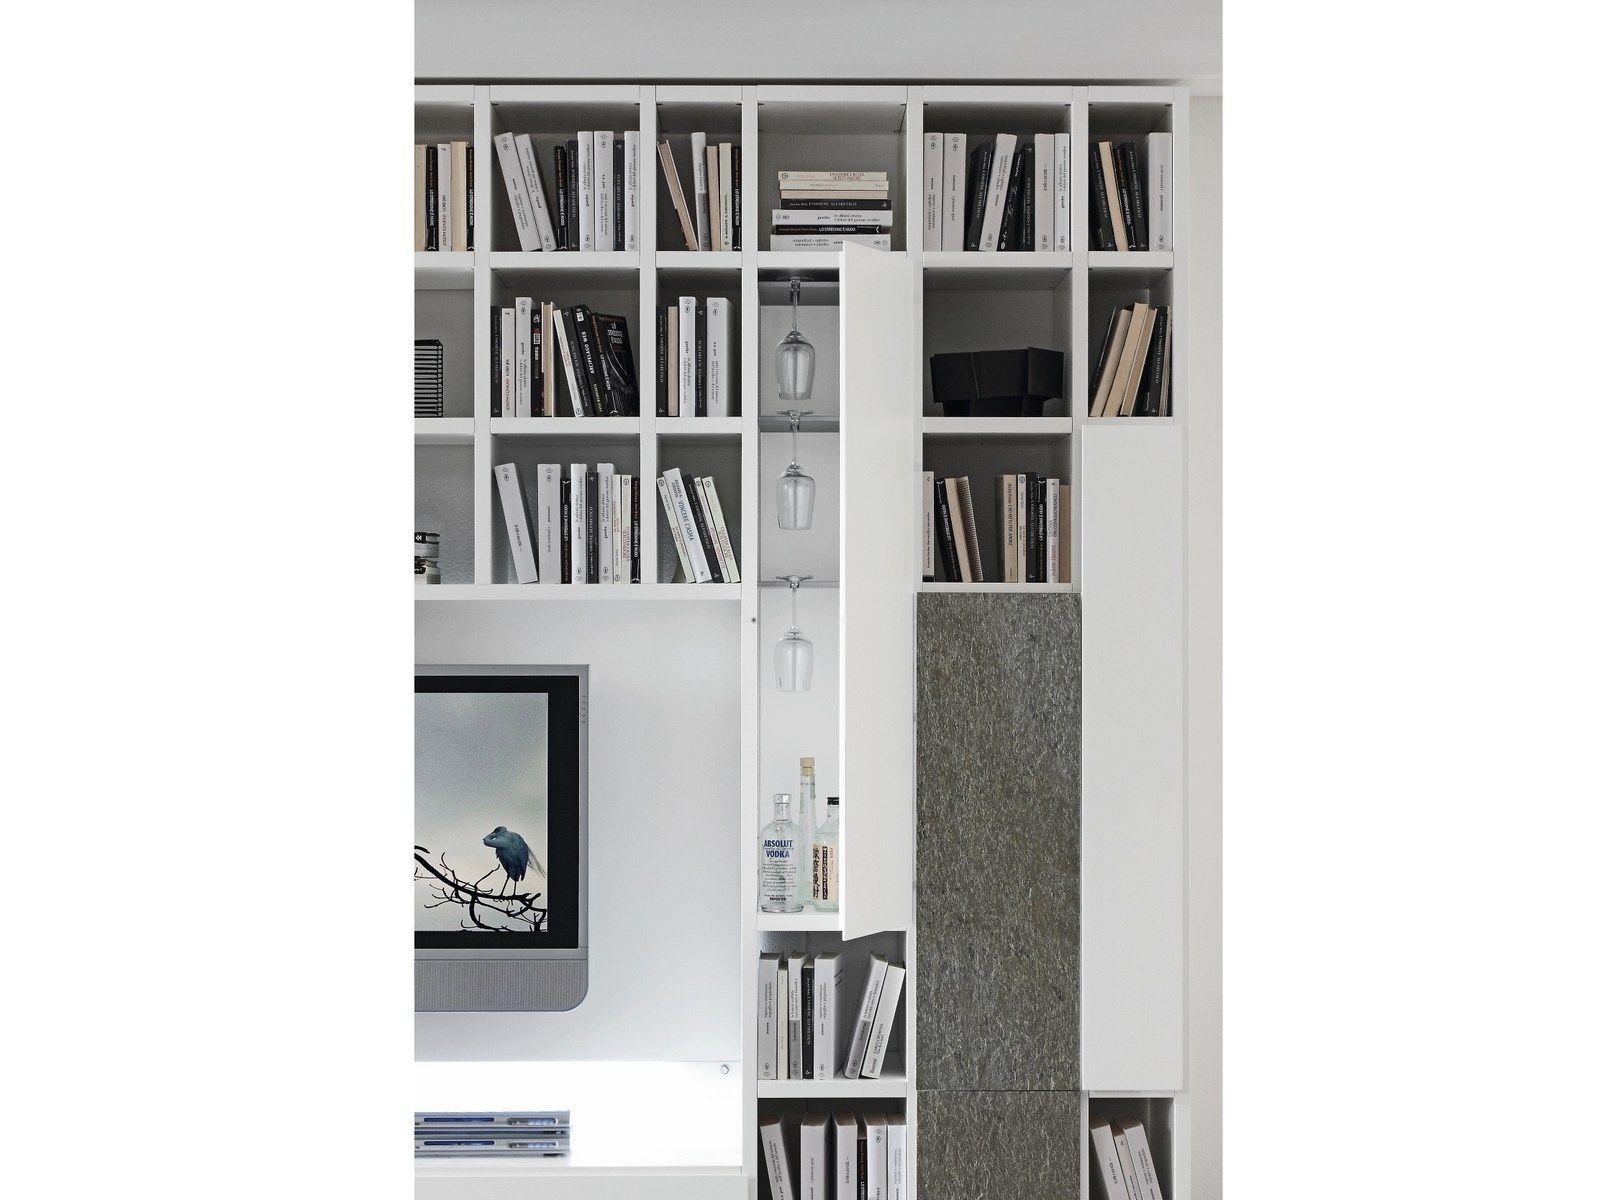 parete attrezzata provenzale bicolore : Parete Attrezzata A Moduli Bicolore Mobili Casa Idea Stile Pictures to ...